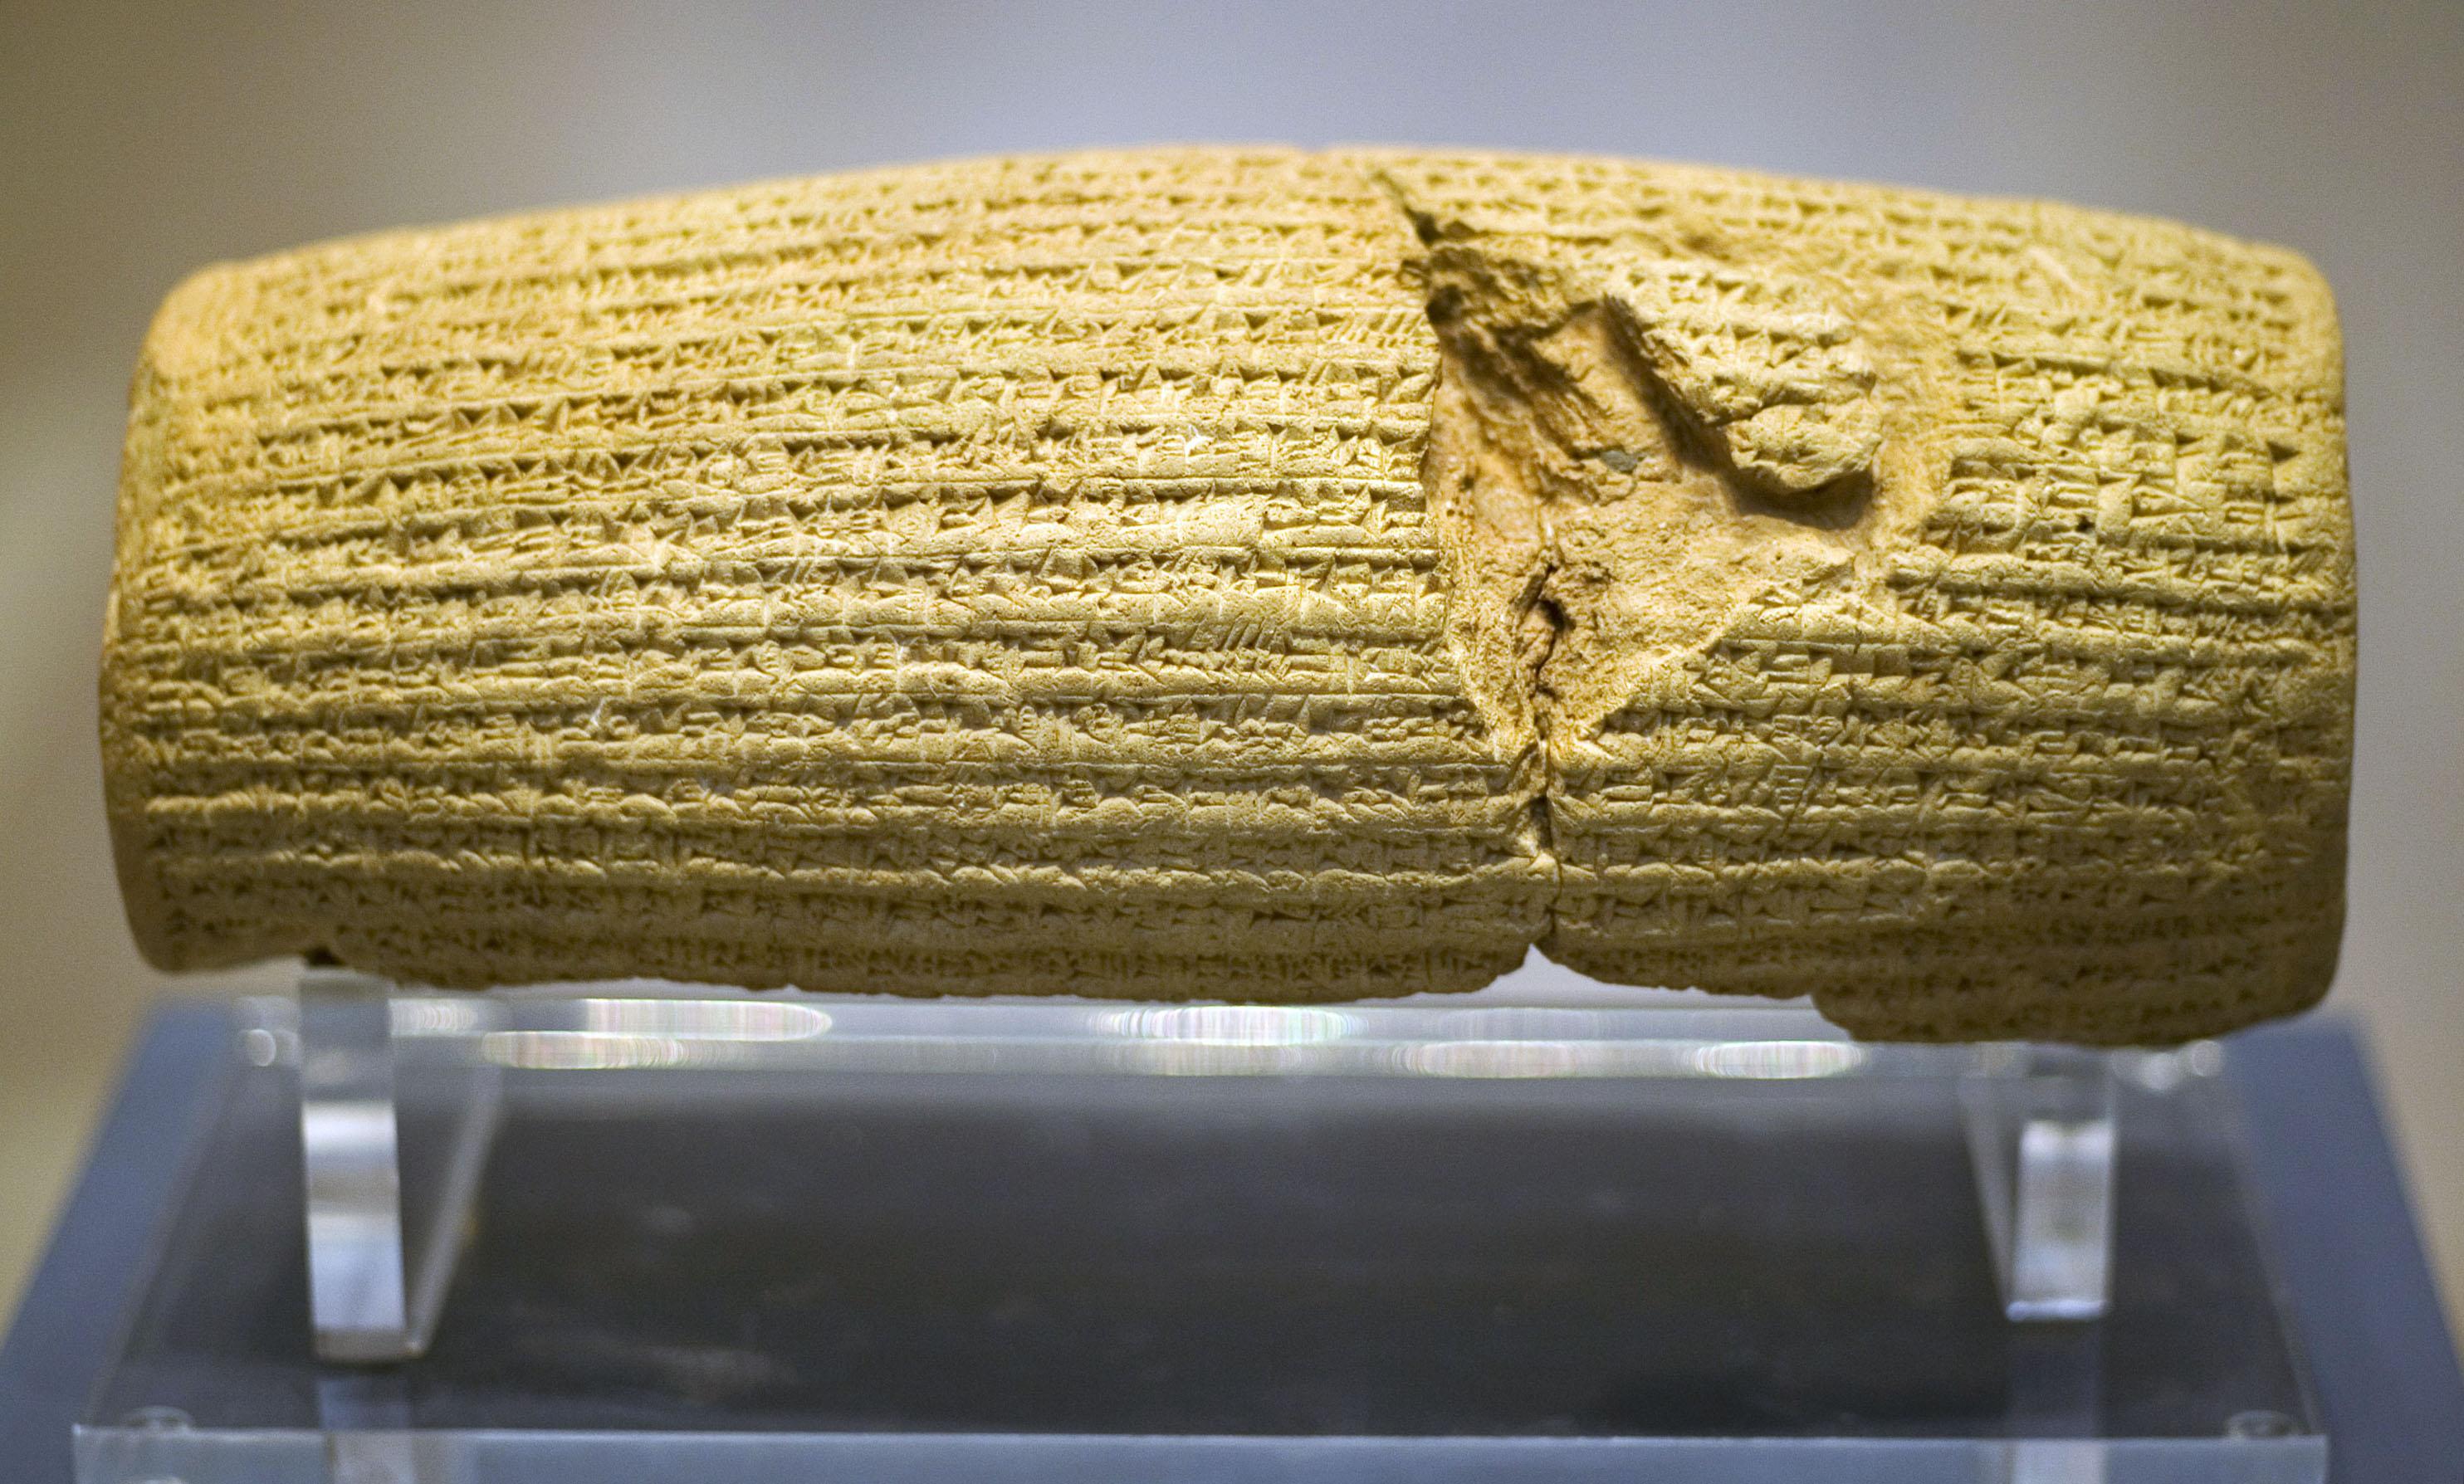 上图:巴比伦遗址出土的居鲁士圆柱(Cyrus Cylinder)是一个主前6世纪的泥制圆筒,以居鲁士大帝(Cyrus the Great,主前539-530年在位)的名义用古代阿卡德语楔形文字写成,现存于大英博物馆。居鲁士圆柱上的铭文记载,波斯攻陷巴比伦以后,居鲁士大帝宣布释放所有的奴隶回乡,这是居鲁士大帝允许被掳巴比伦的犹太人重返耶路撒冷的证据。